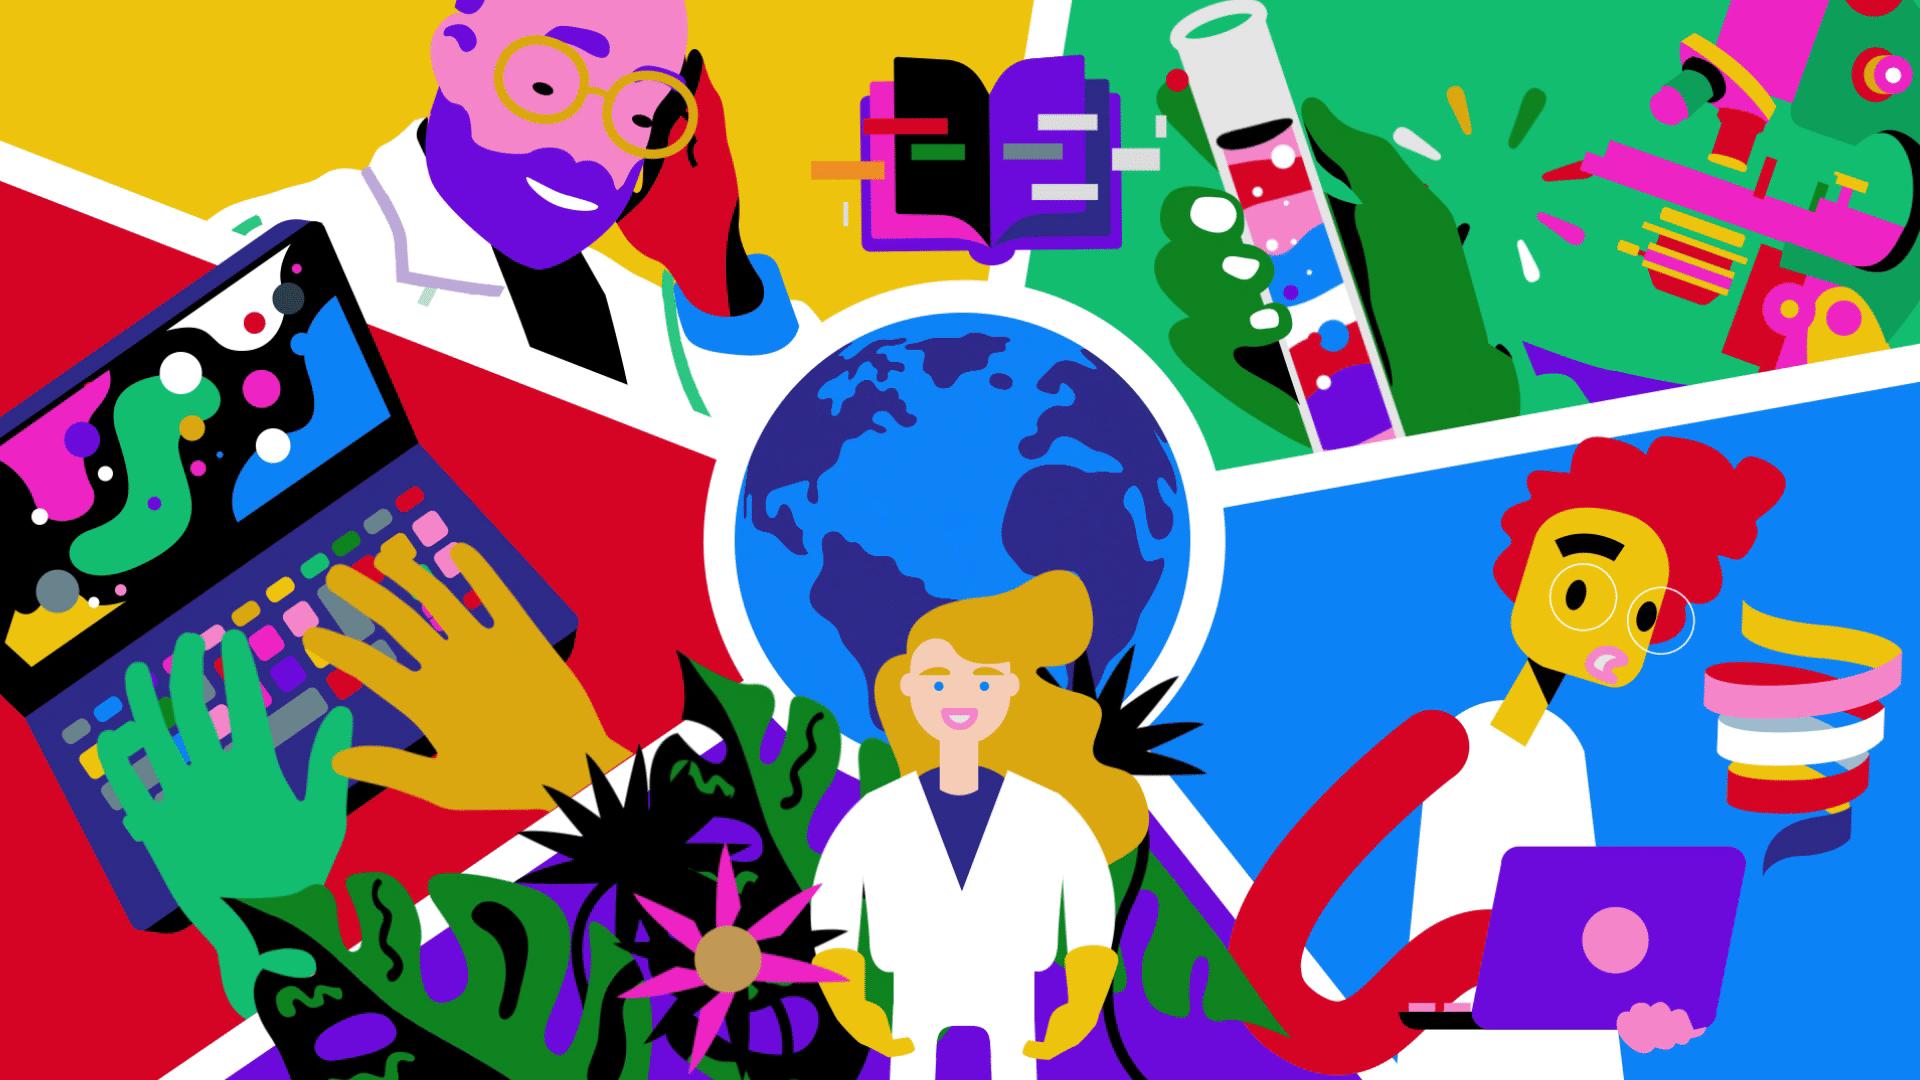 Erklärvideos für Wissenschaft, Forschung und NGOs